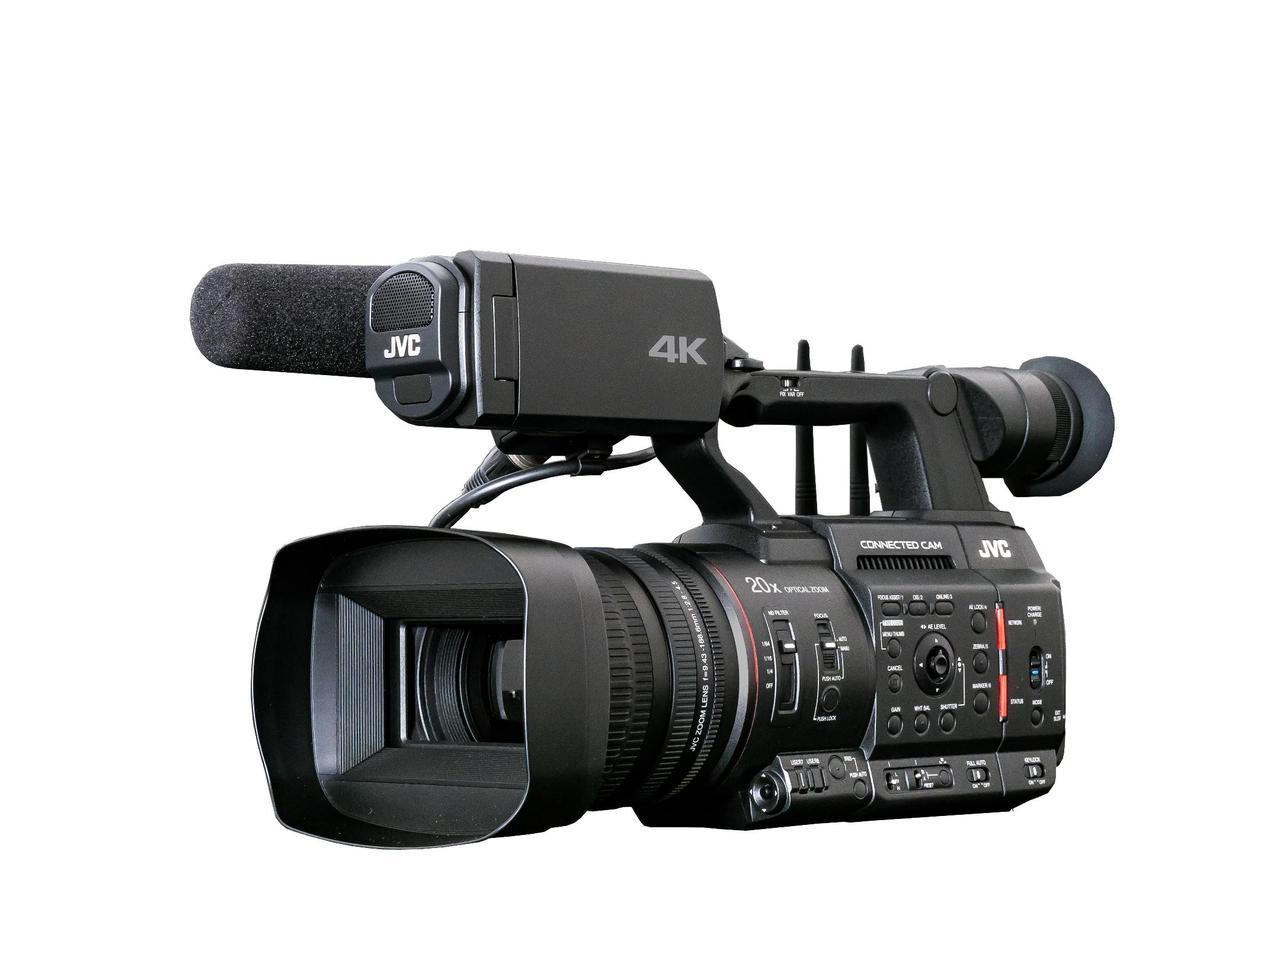 画像: JVCの4Kカメラレコーダー「GY-HC550」。MIMO方式のデュアル・アンテナを搭載し、無線LAN接続が可能